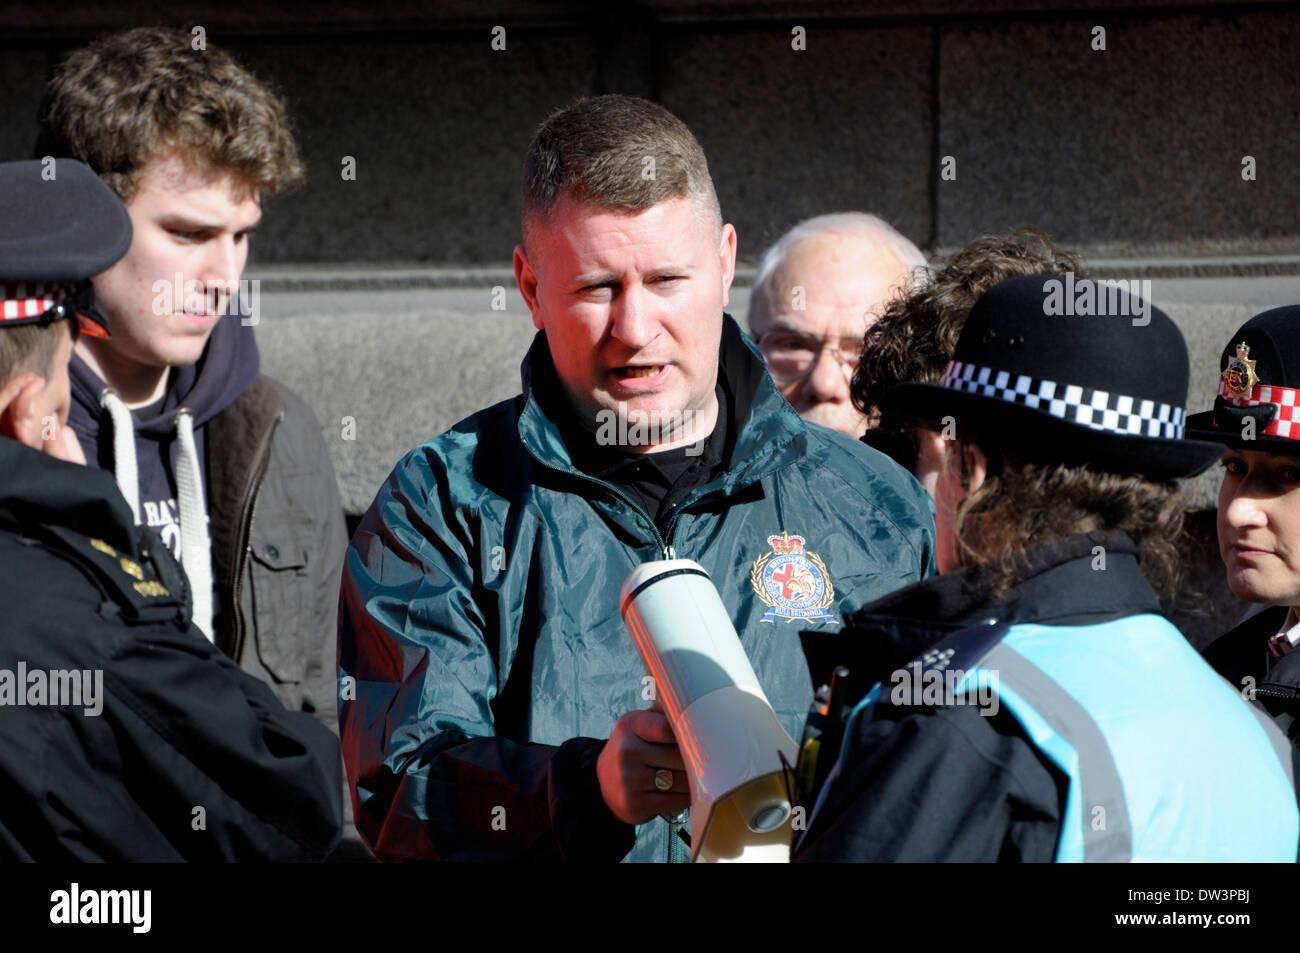 """Paul Golding, Vorsitzender der """"Großbritannien erste' an der Lee rigby Mordversuch Verurteilung - Stockbild"""